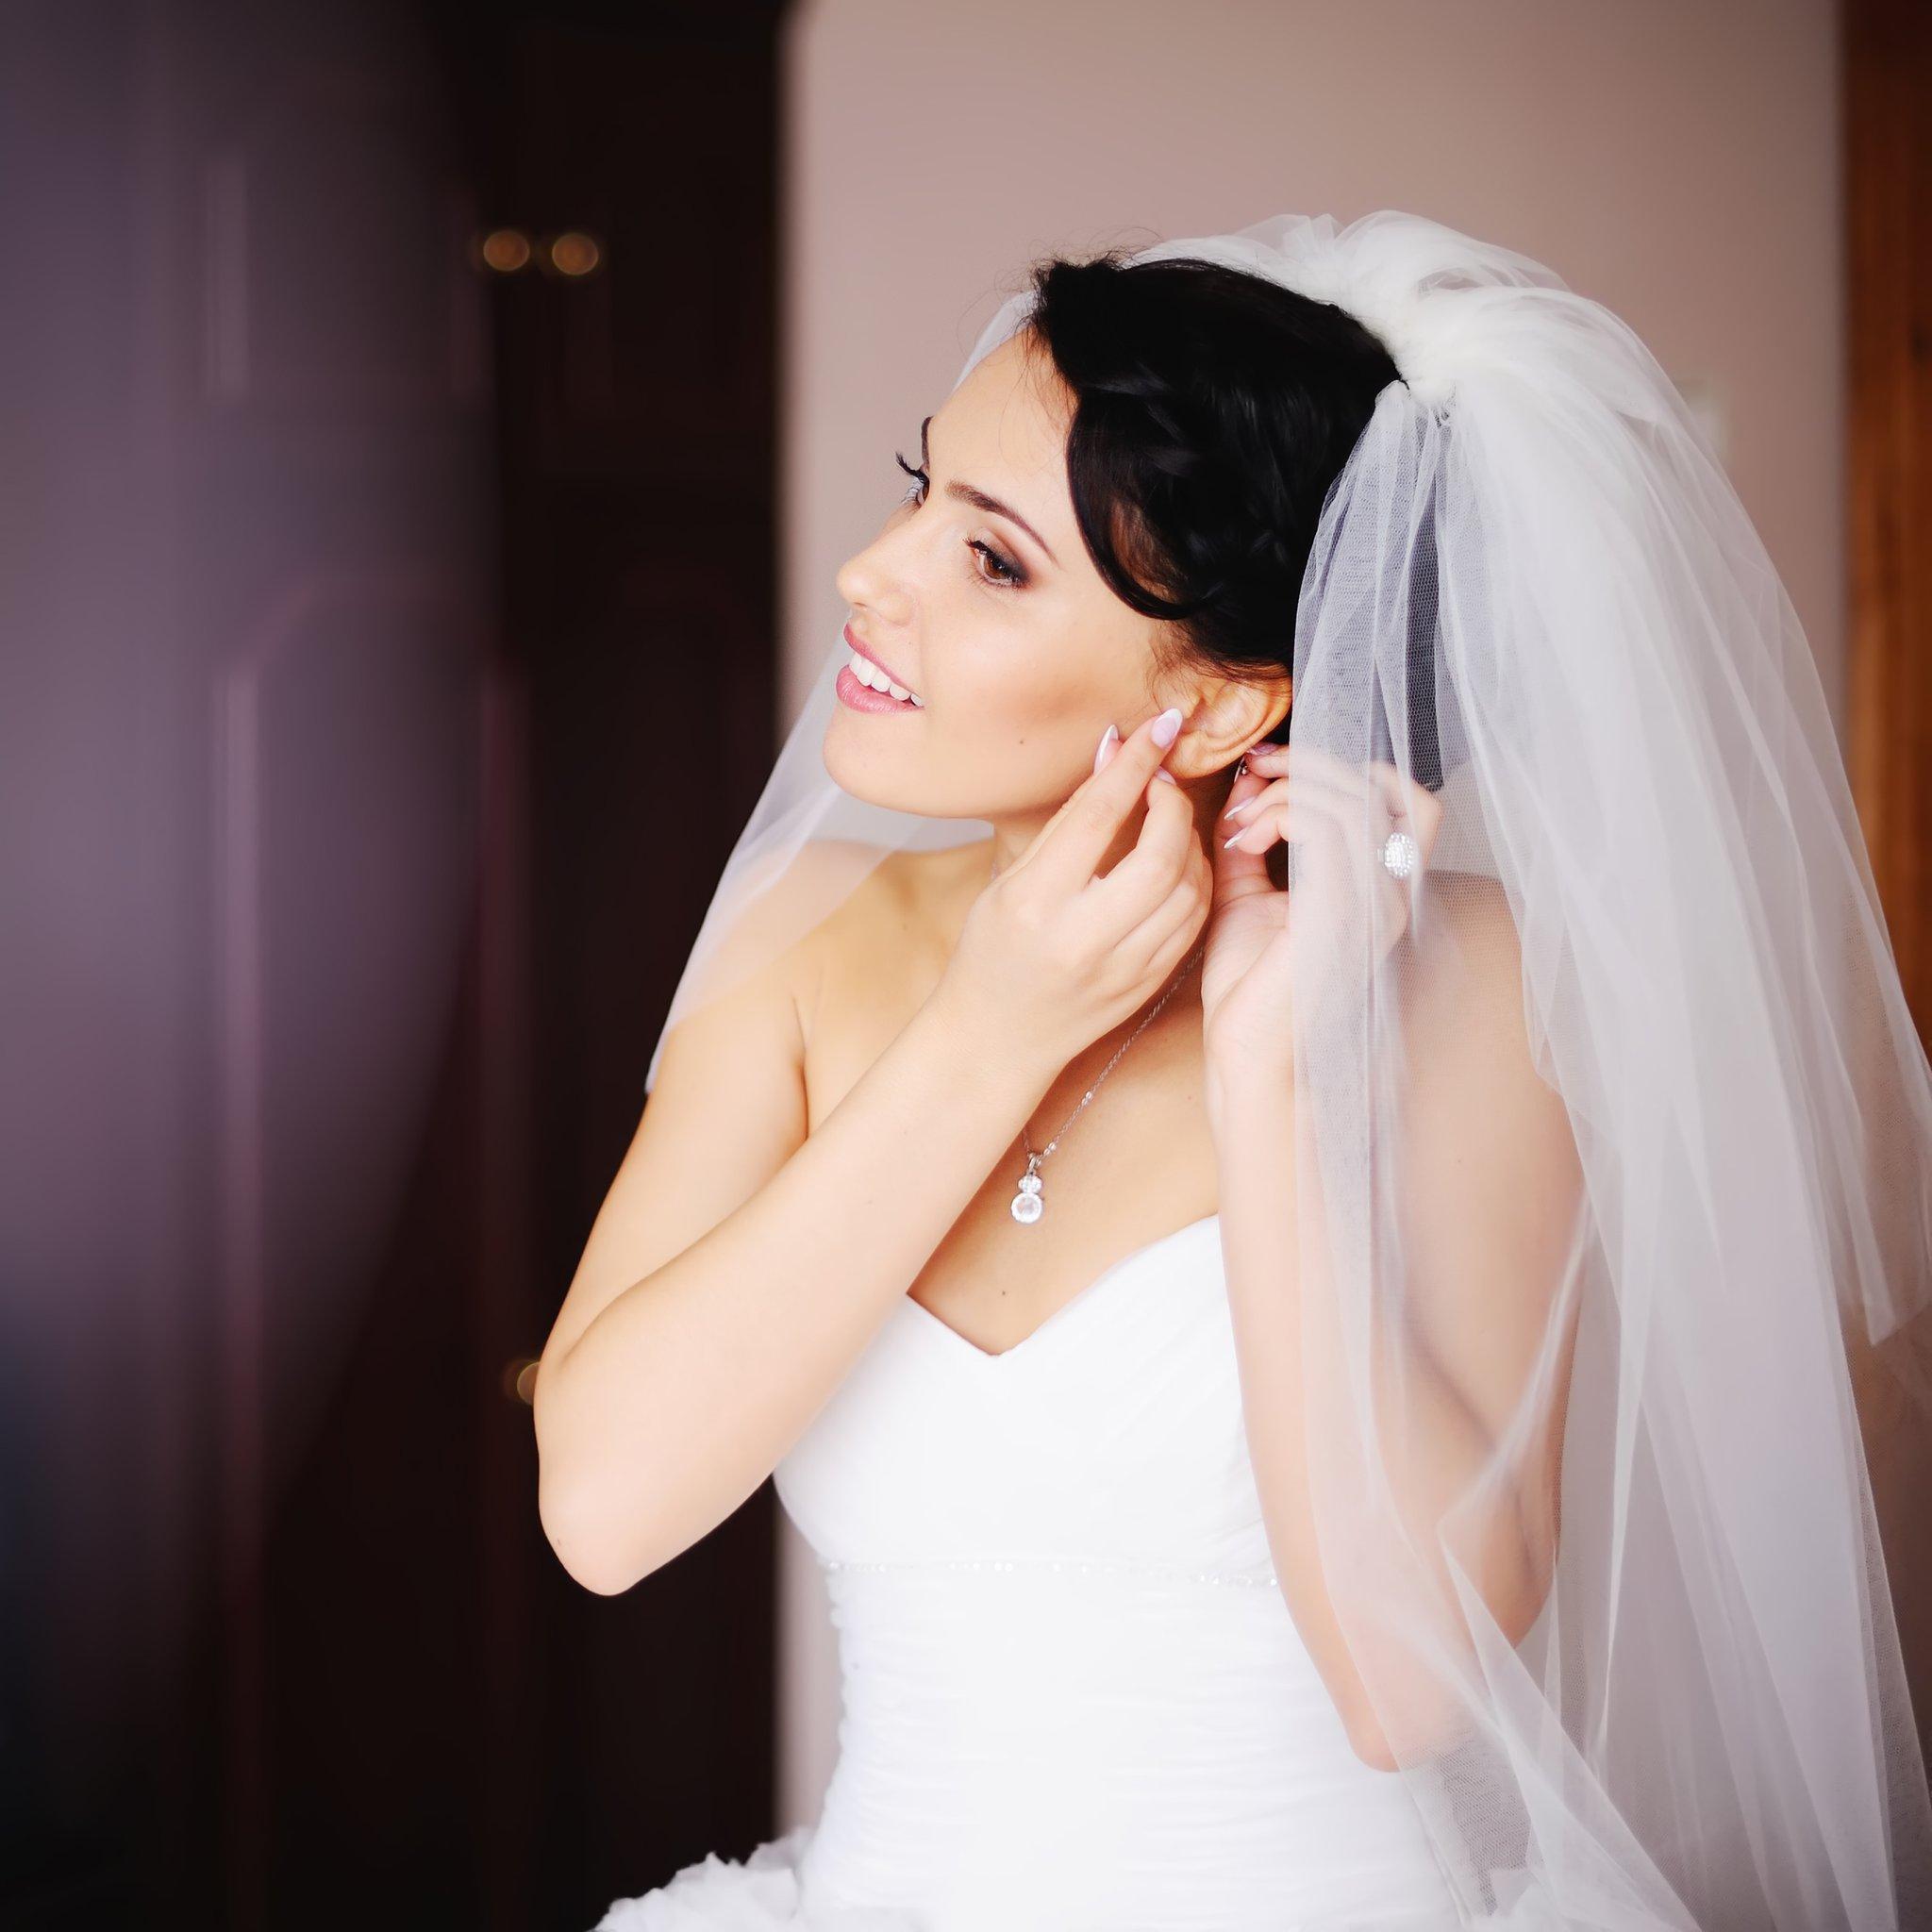 c8e1744252 15 dicas preciosas sobre os melhores acessórios para noiva